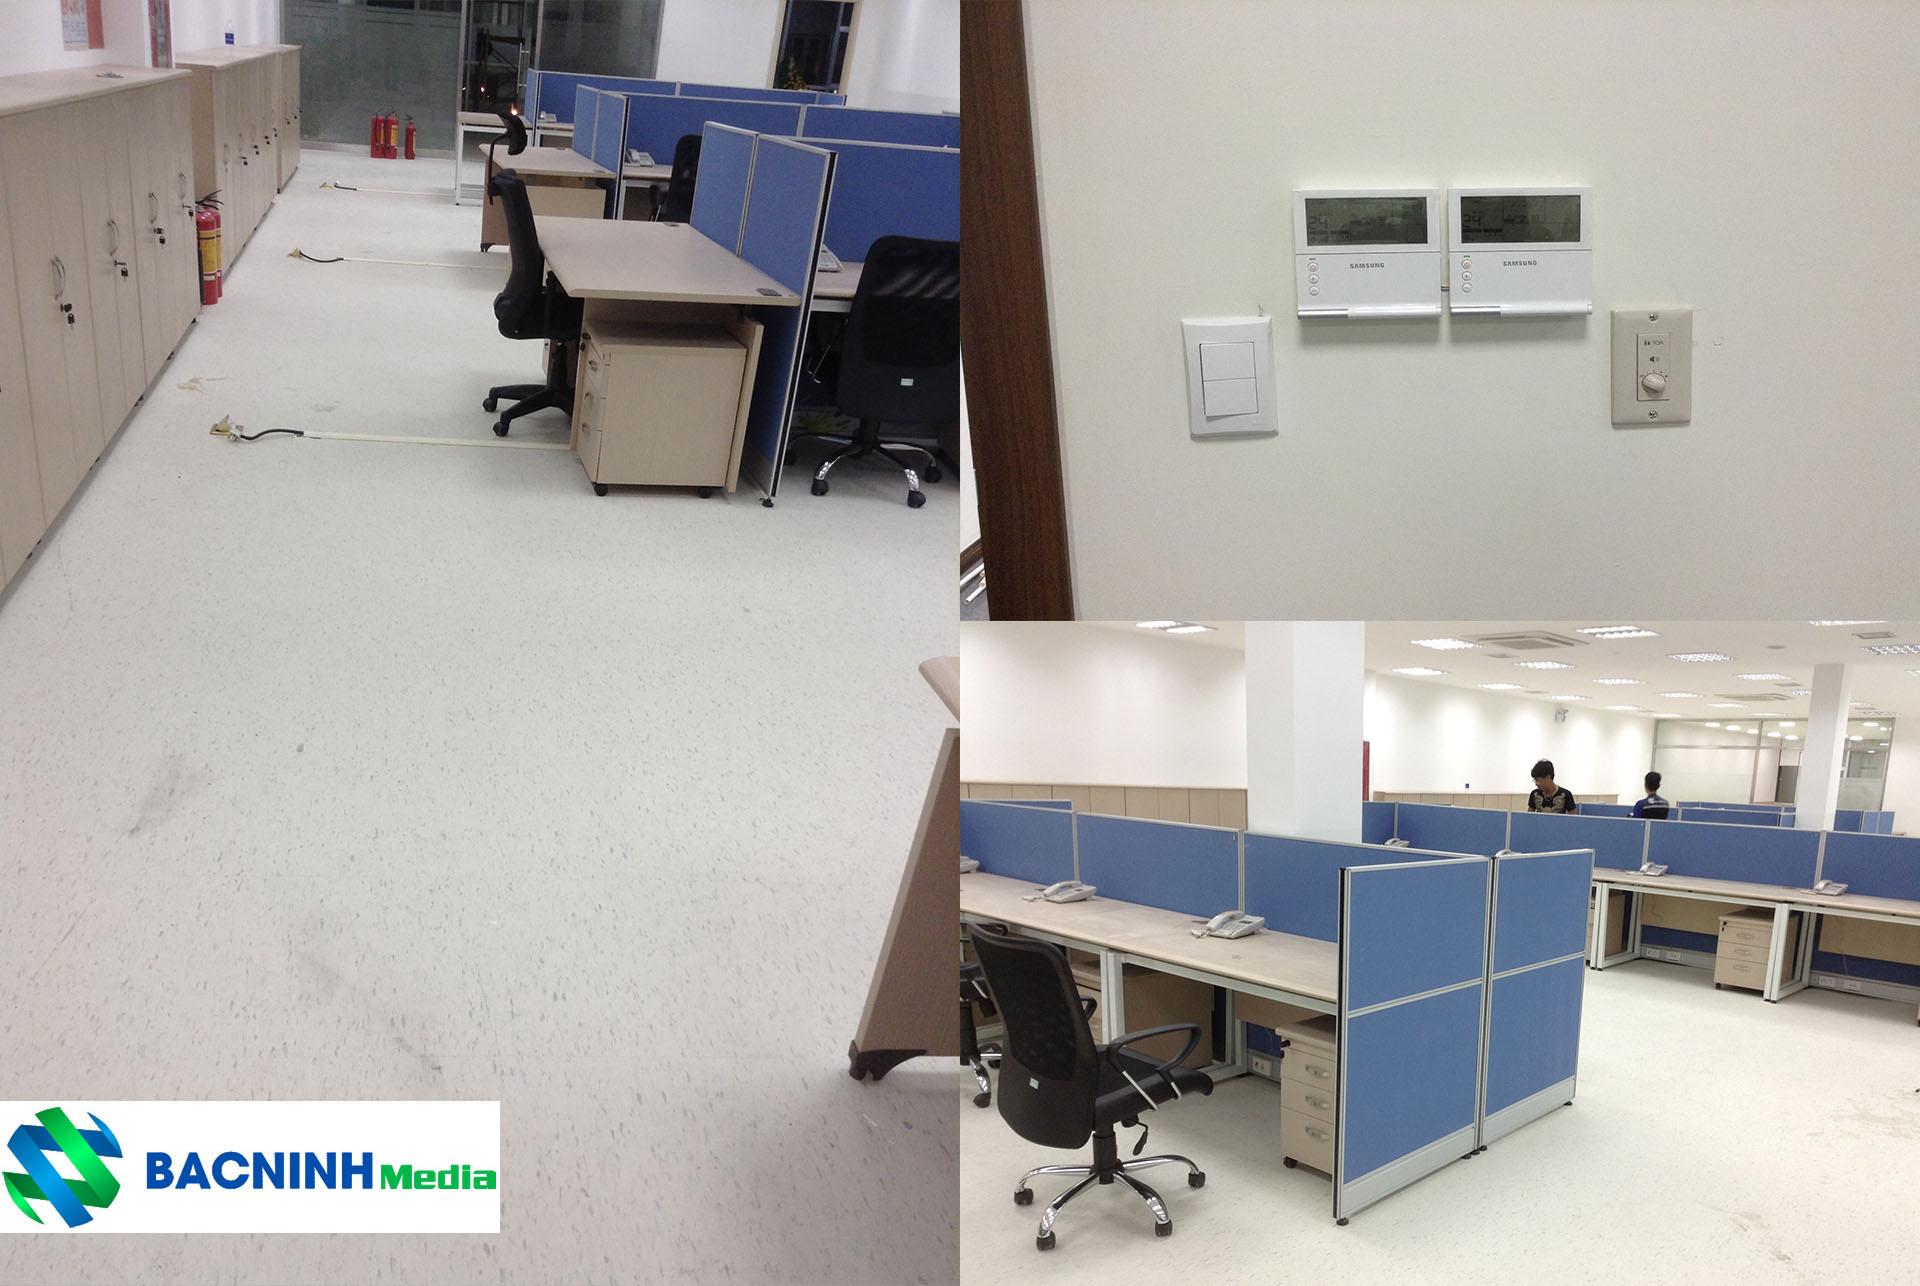 Đi dây tới từng vị trí bàn làm việc trong hệ thống mạng, hệ thống tổng đài điện thoại nội bộ công ty